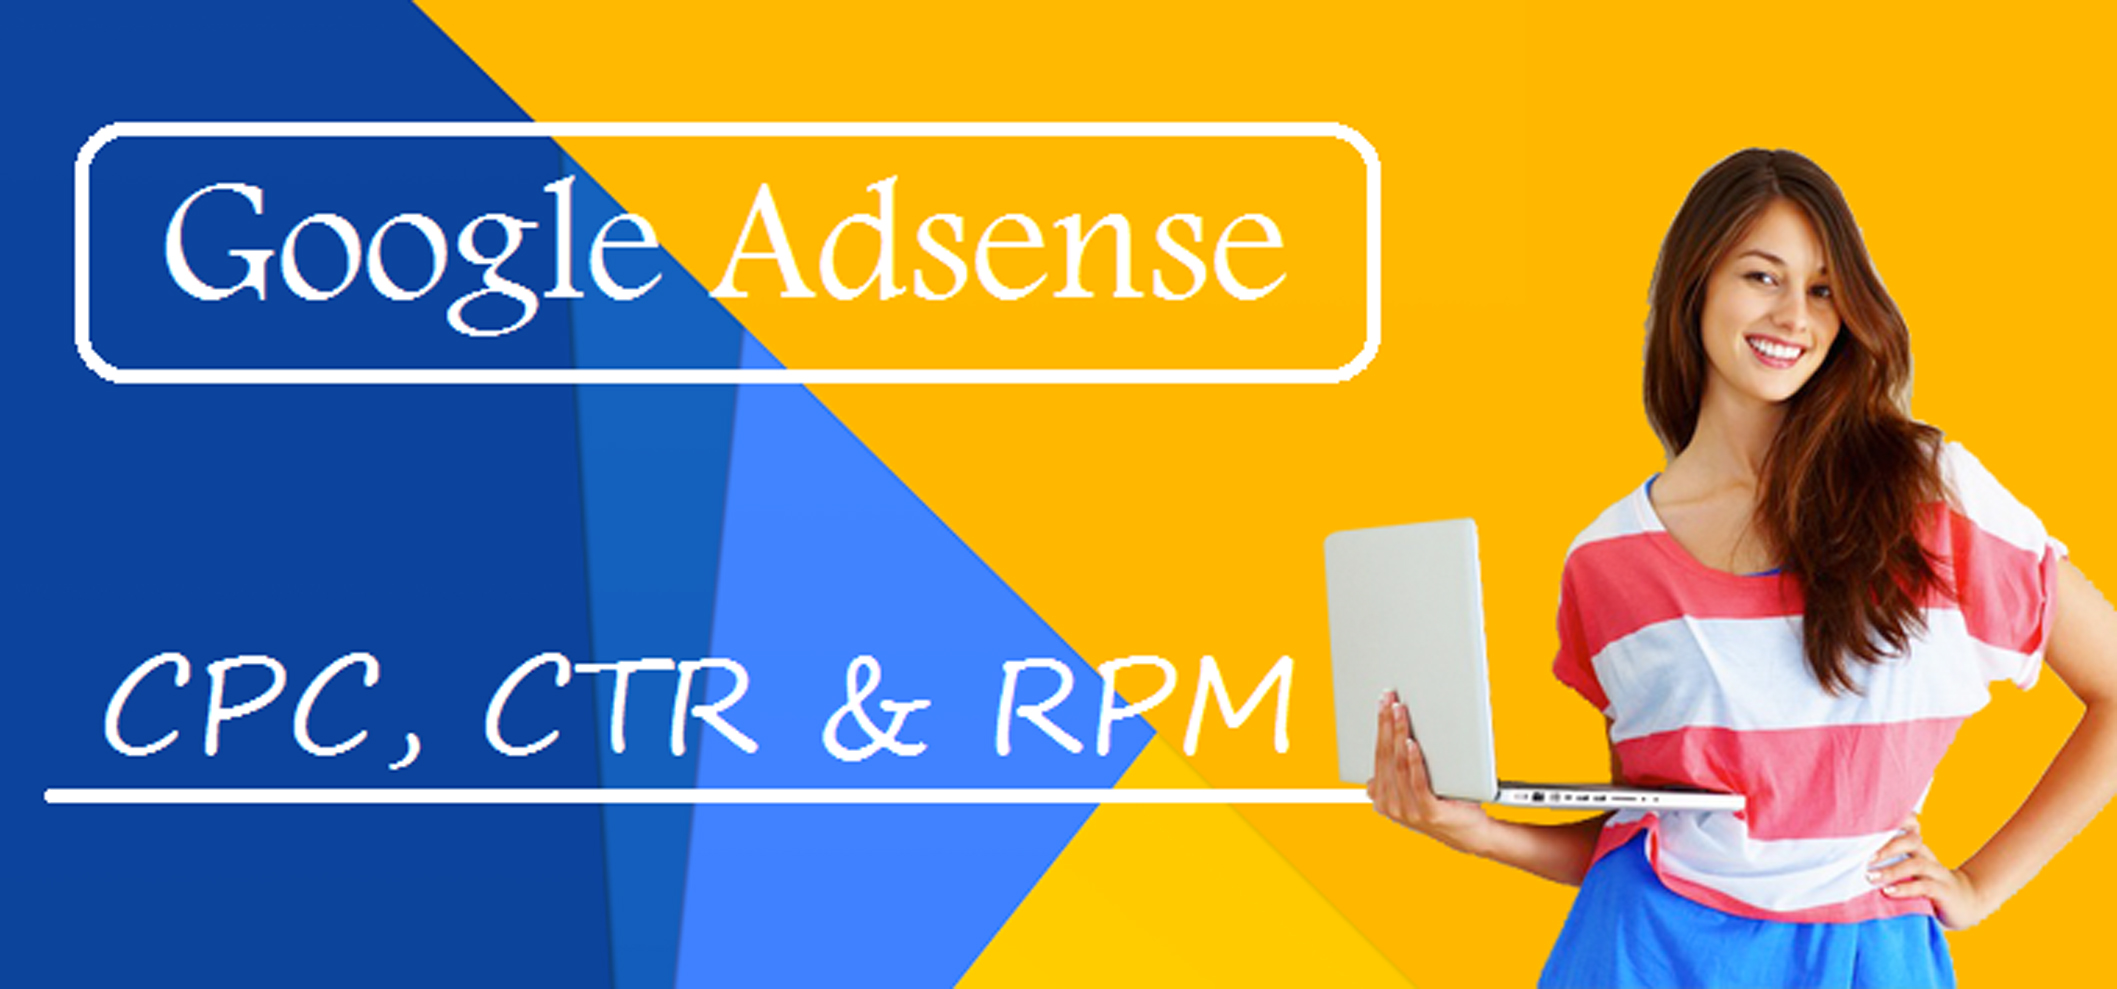 গুগল অ্যাডসেন্স এ CPC, Page RPM ও Page CTR কি?